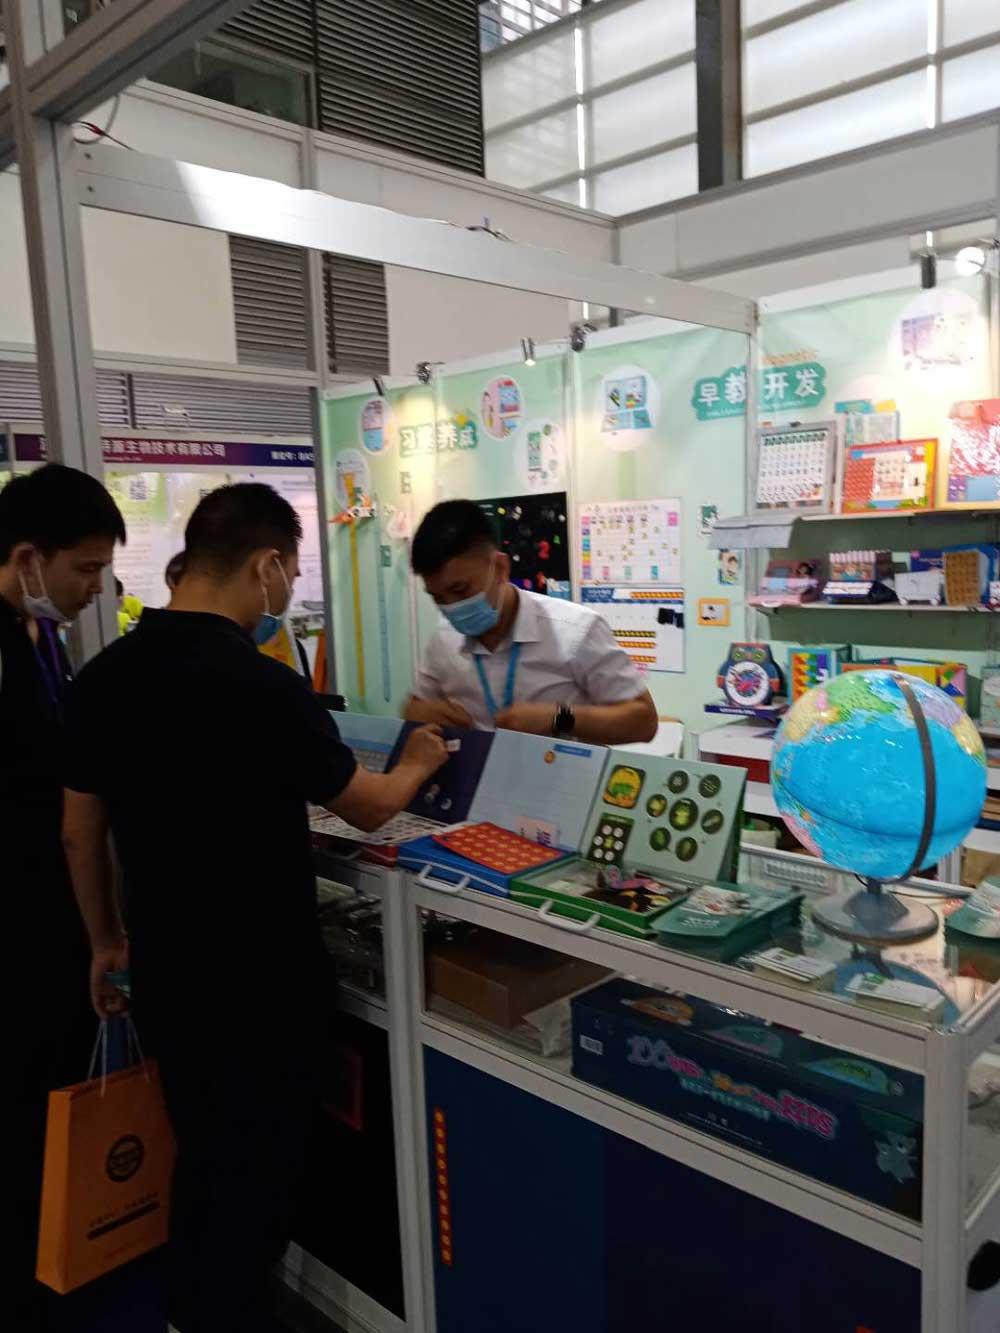 深圳市优力优磁性科技有限公司参加2020深圳国际幼儿教育用品暨装备展